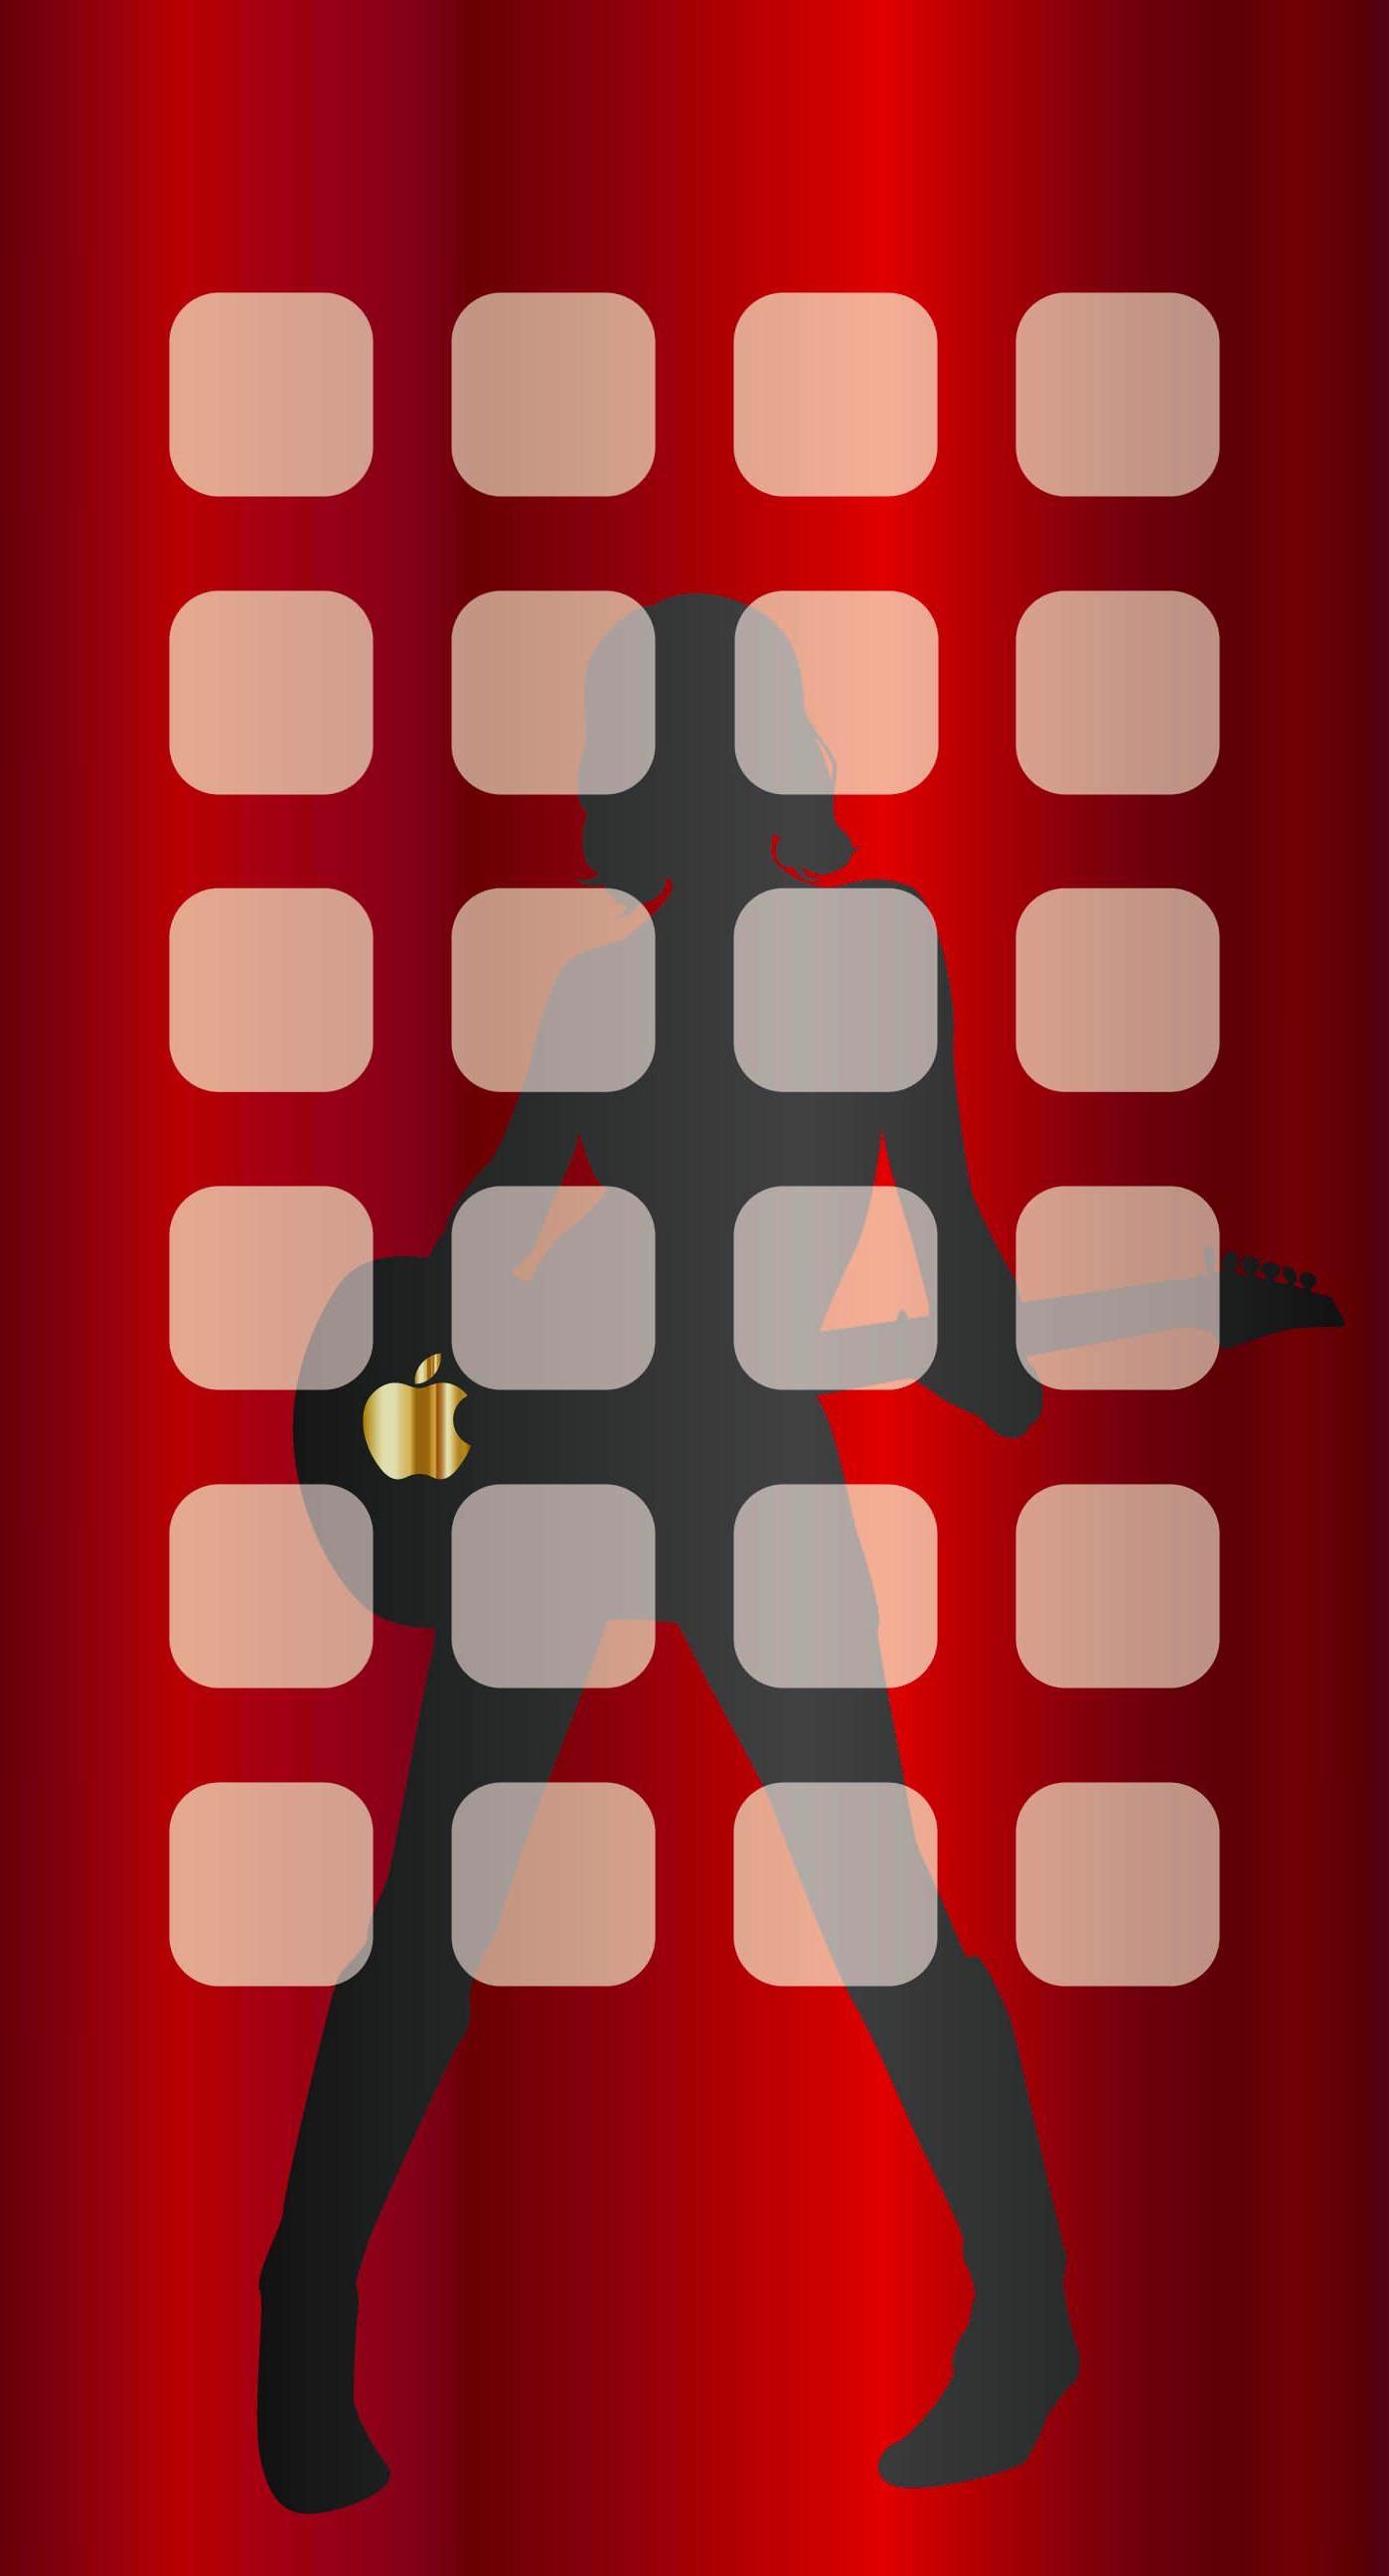 Cool shelf apple red iPhones Wallpaper is